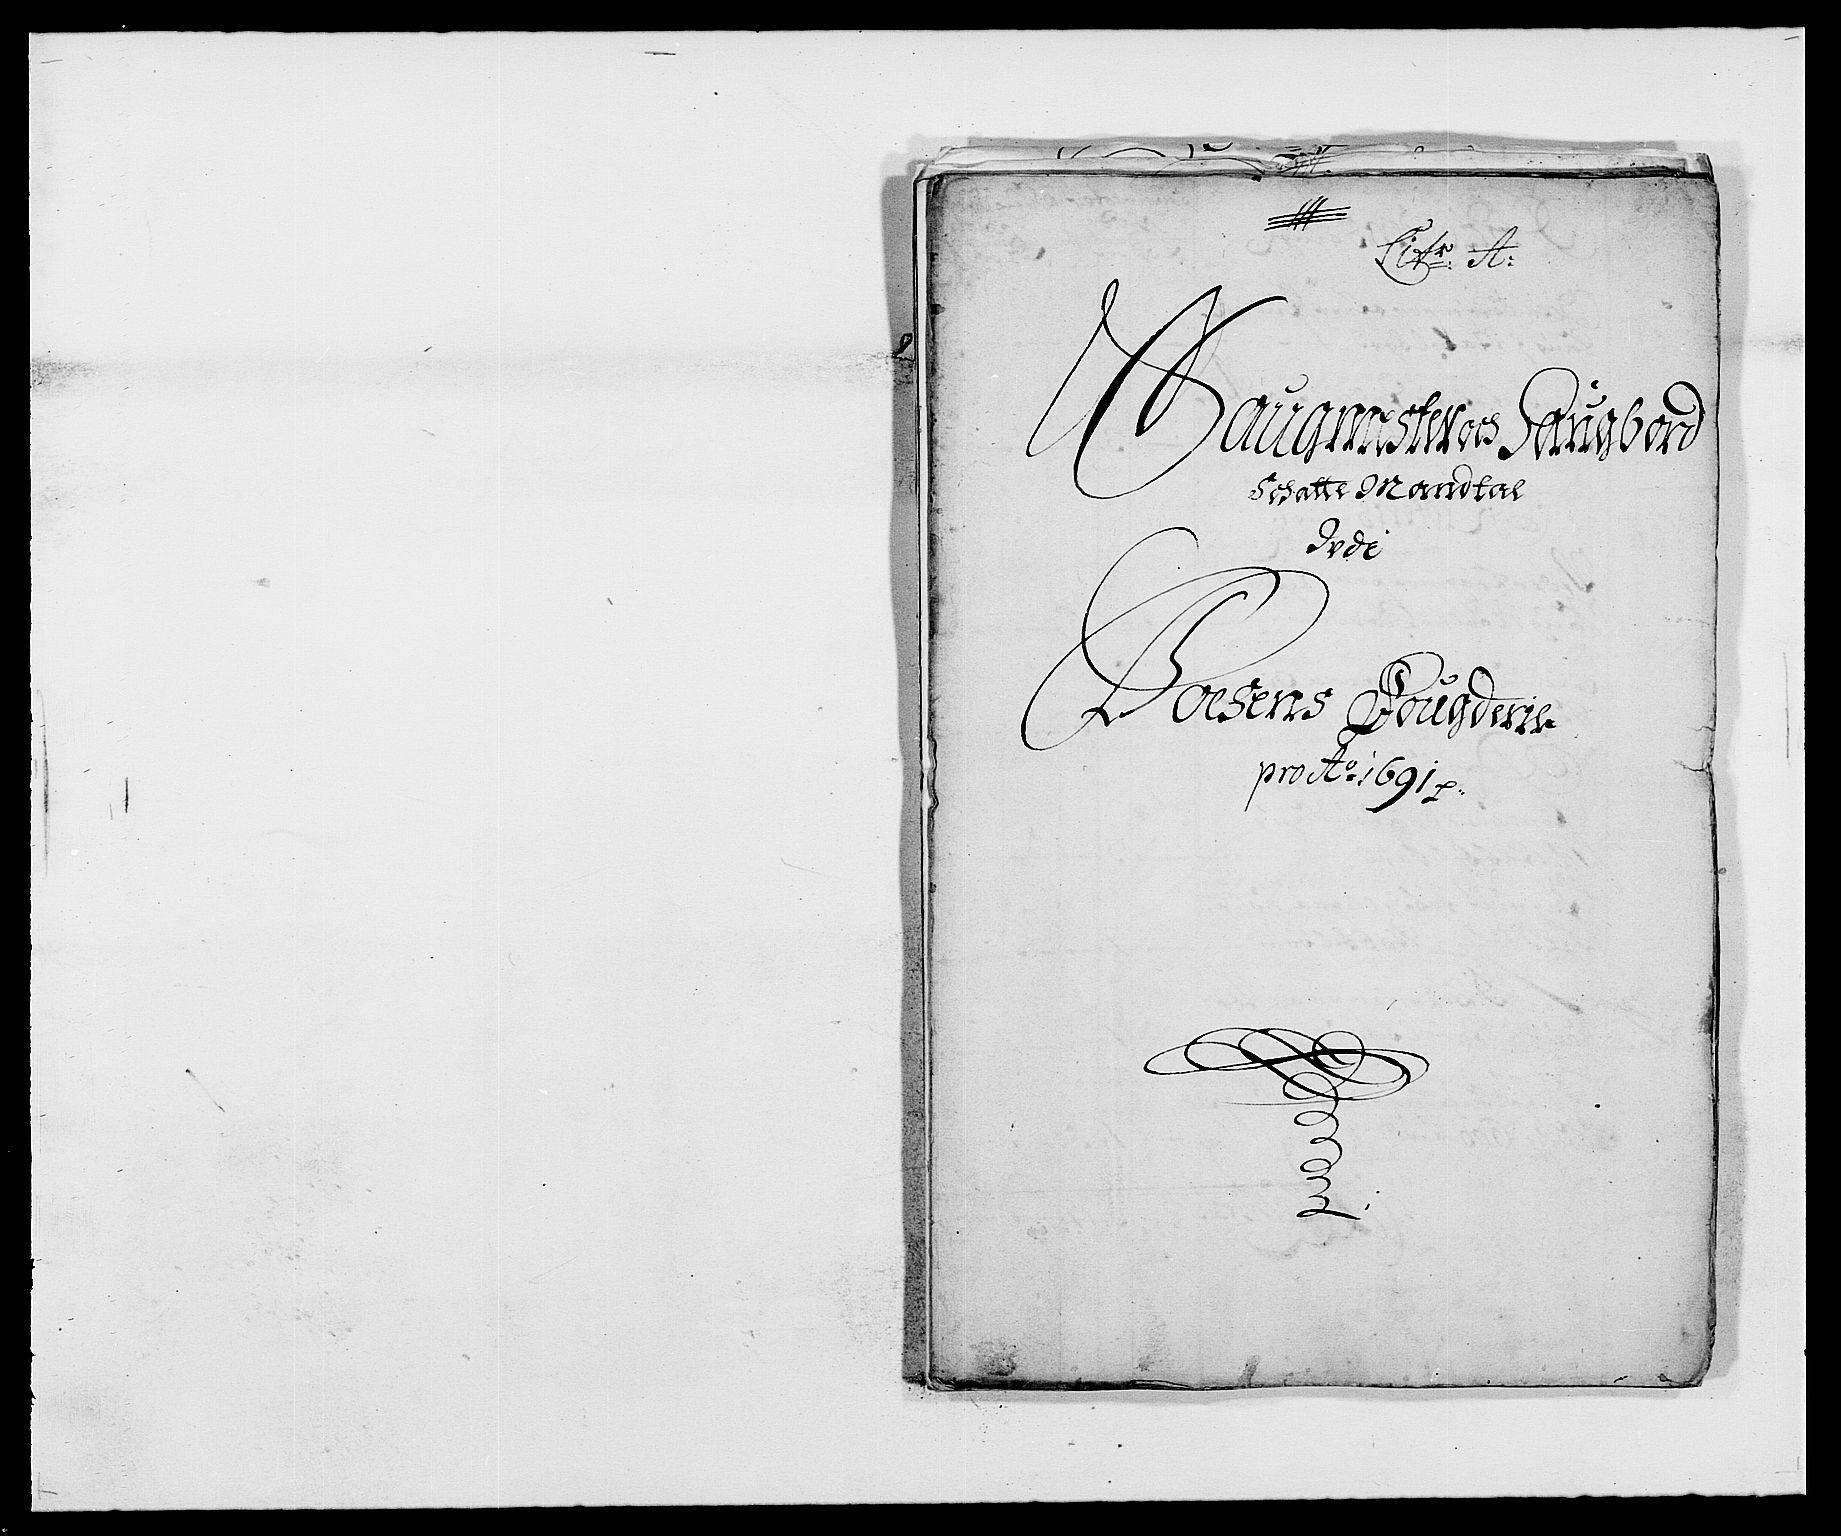 RA, Rentekammeret inntil 1814, Reviderte regnskaper, Fogderegnskap, R57/L3848: Fogderegnskap Fosen, 1690-1691, s. 212